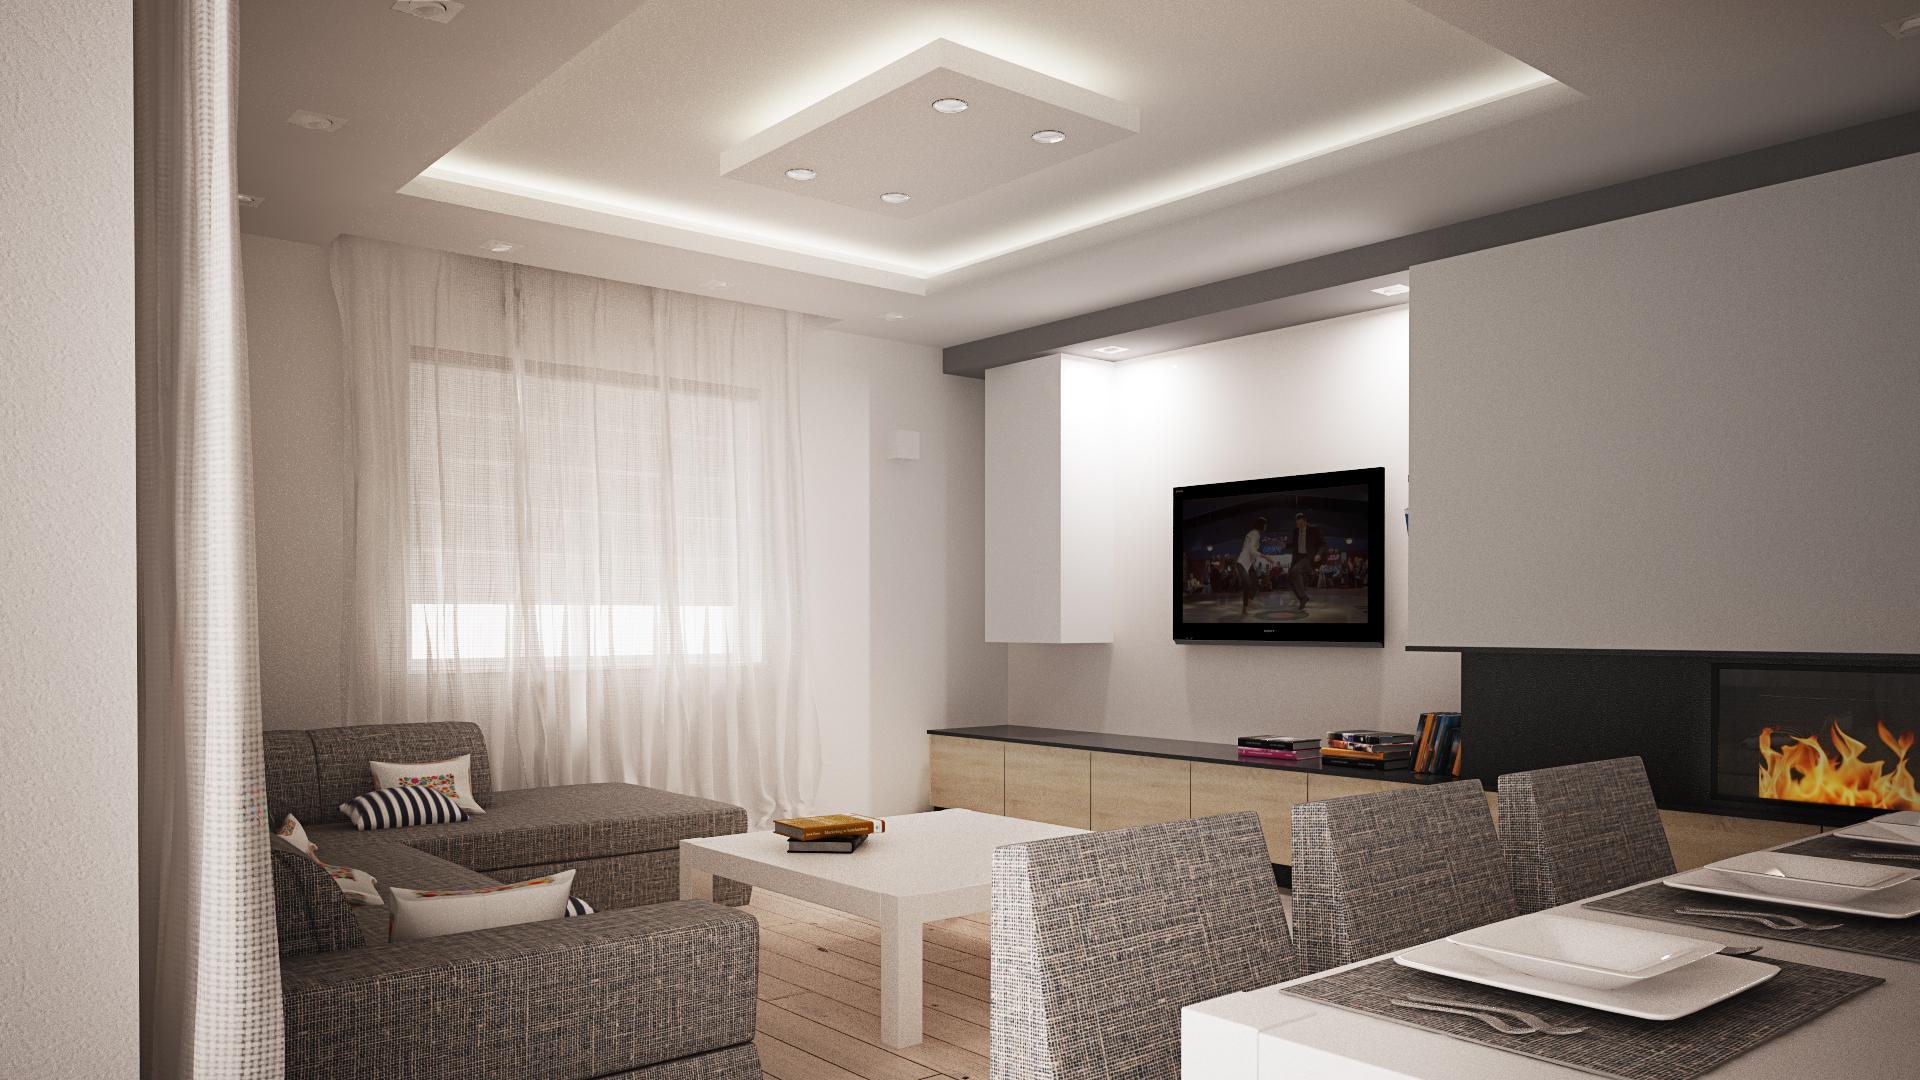 Podwieszane sufity napinane krak w cena z nadrukiem for Sufit podwieszany w salonie